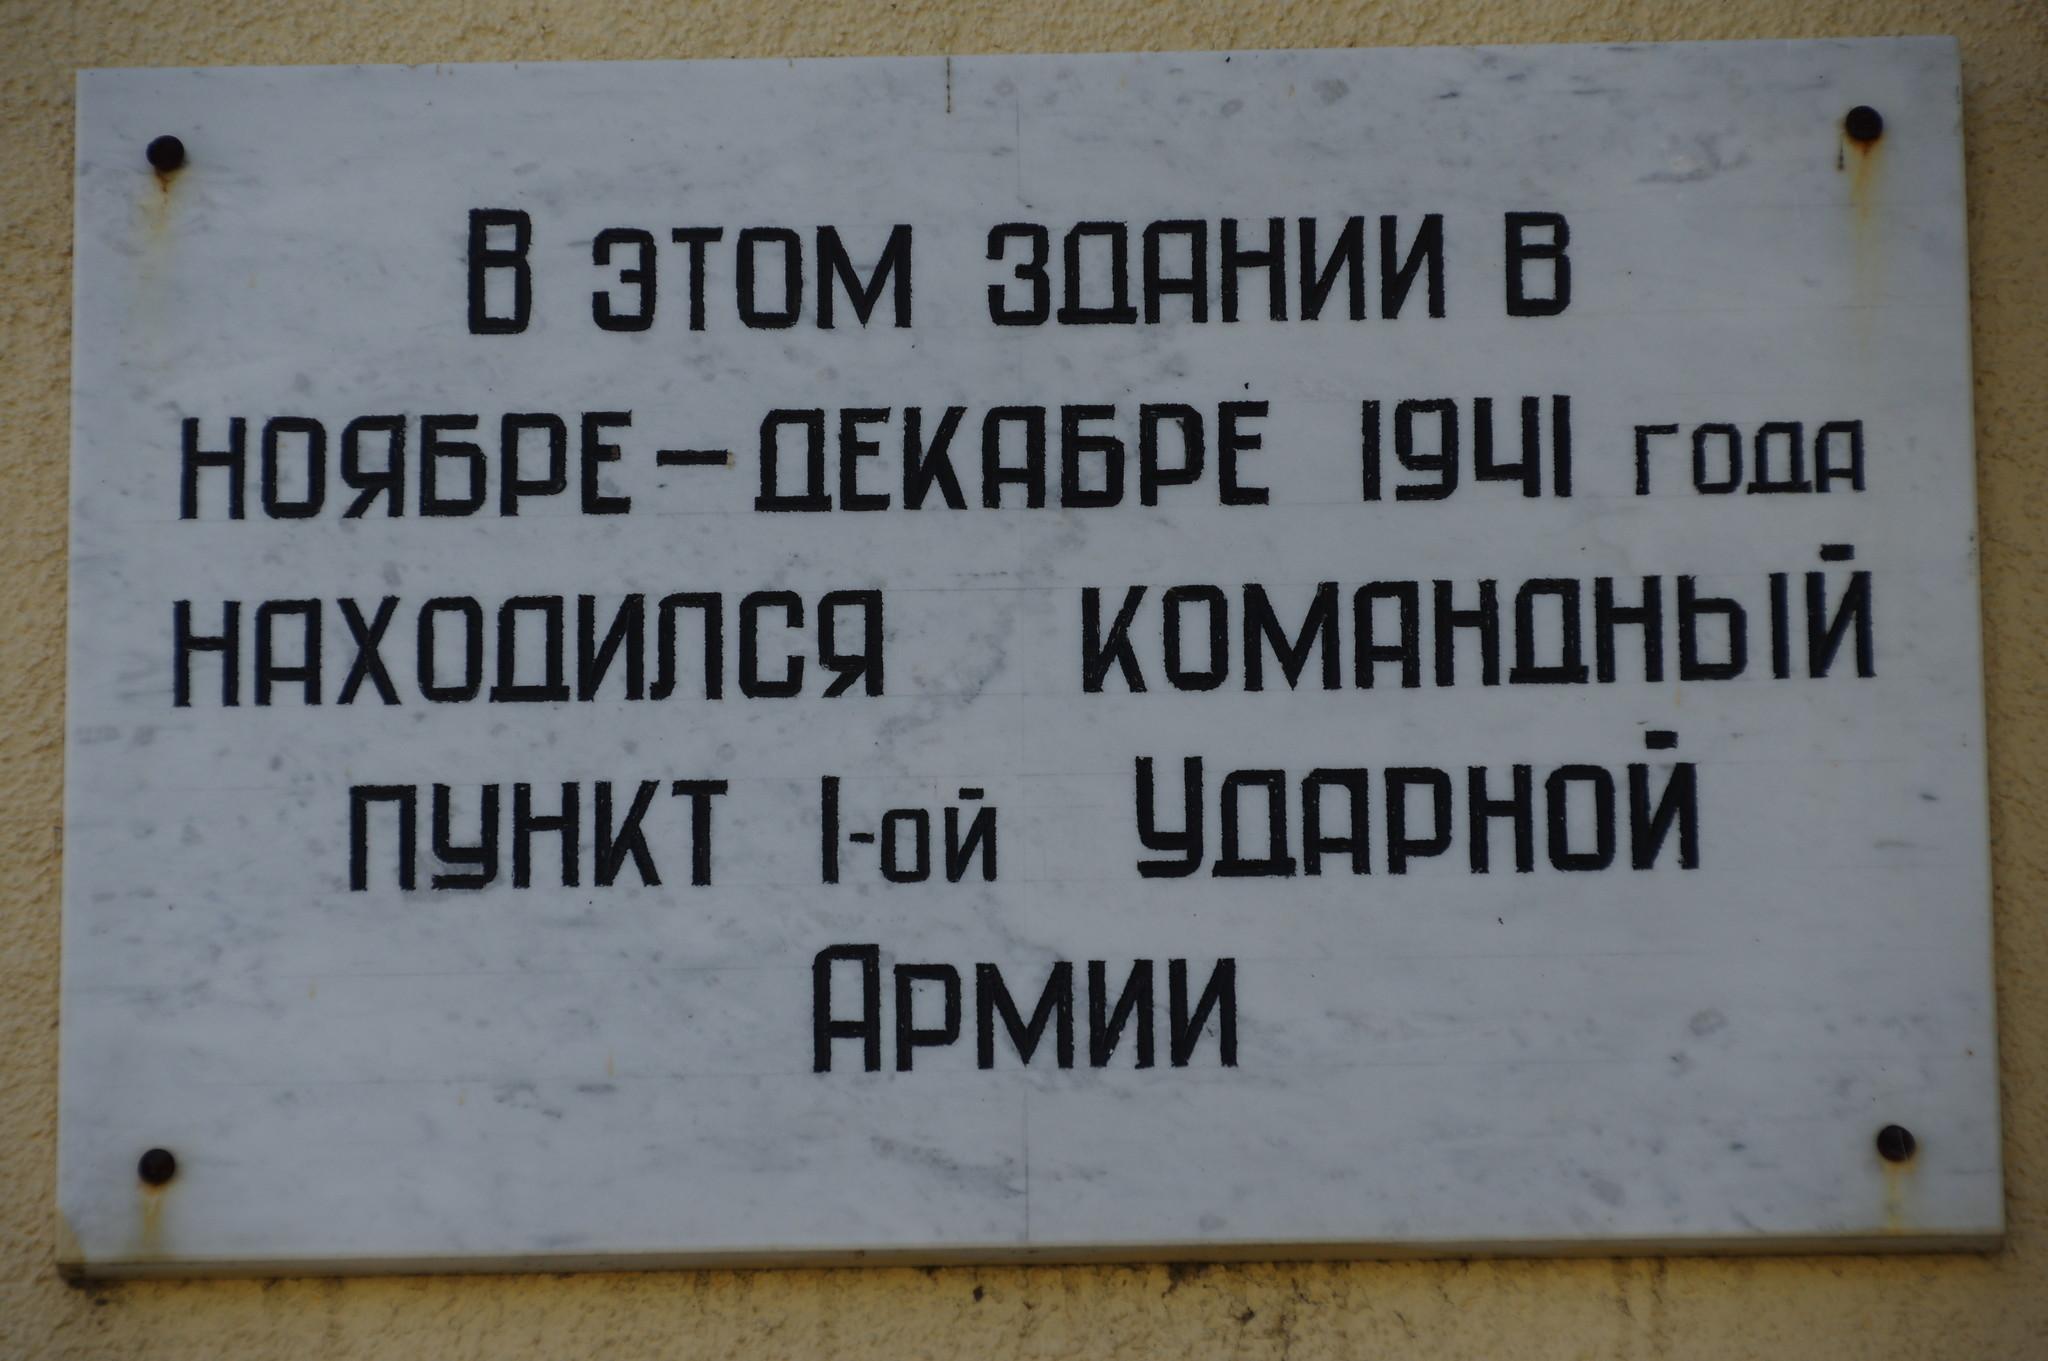 В этом здании в ноябре-декабре 1941 года находился командный пункт 1-ой Ударной Армии (город Дмитров, Историческая площадь, дом 12)